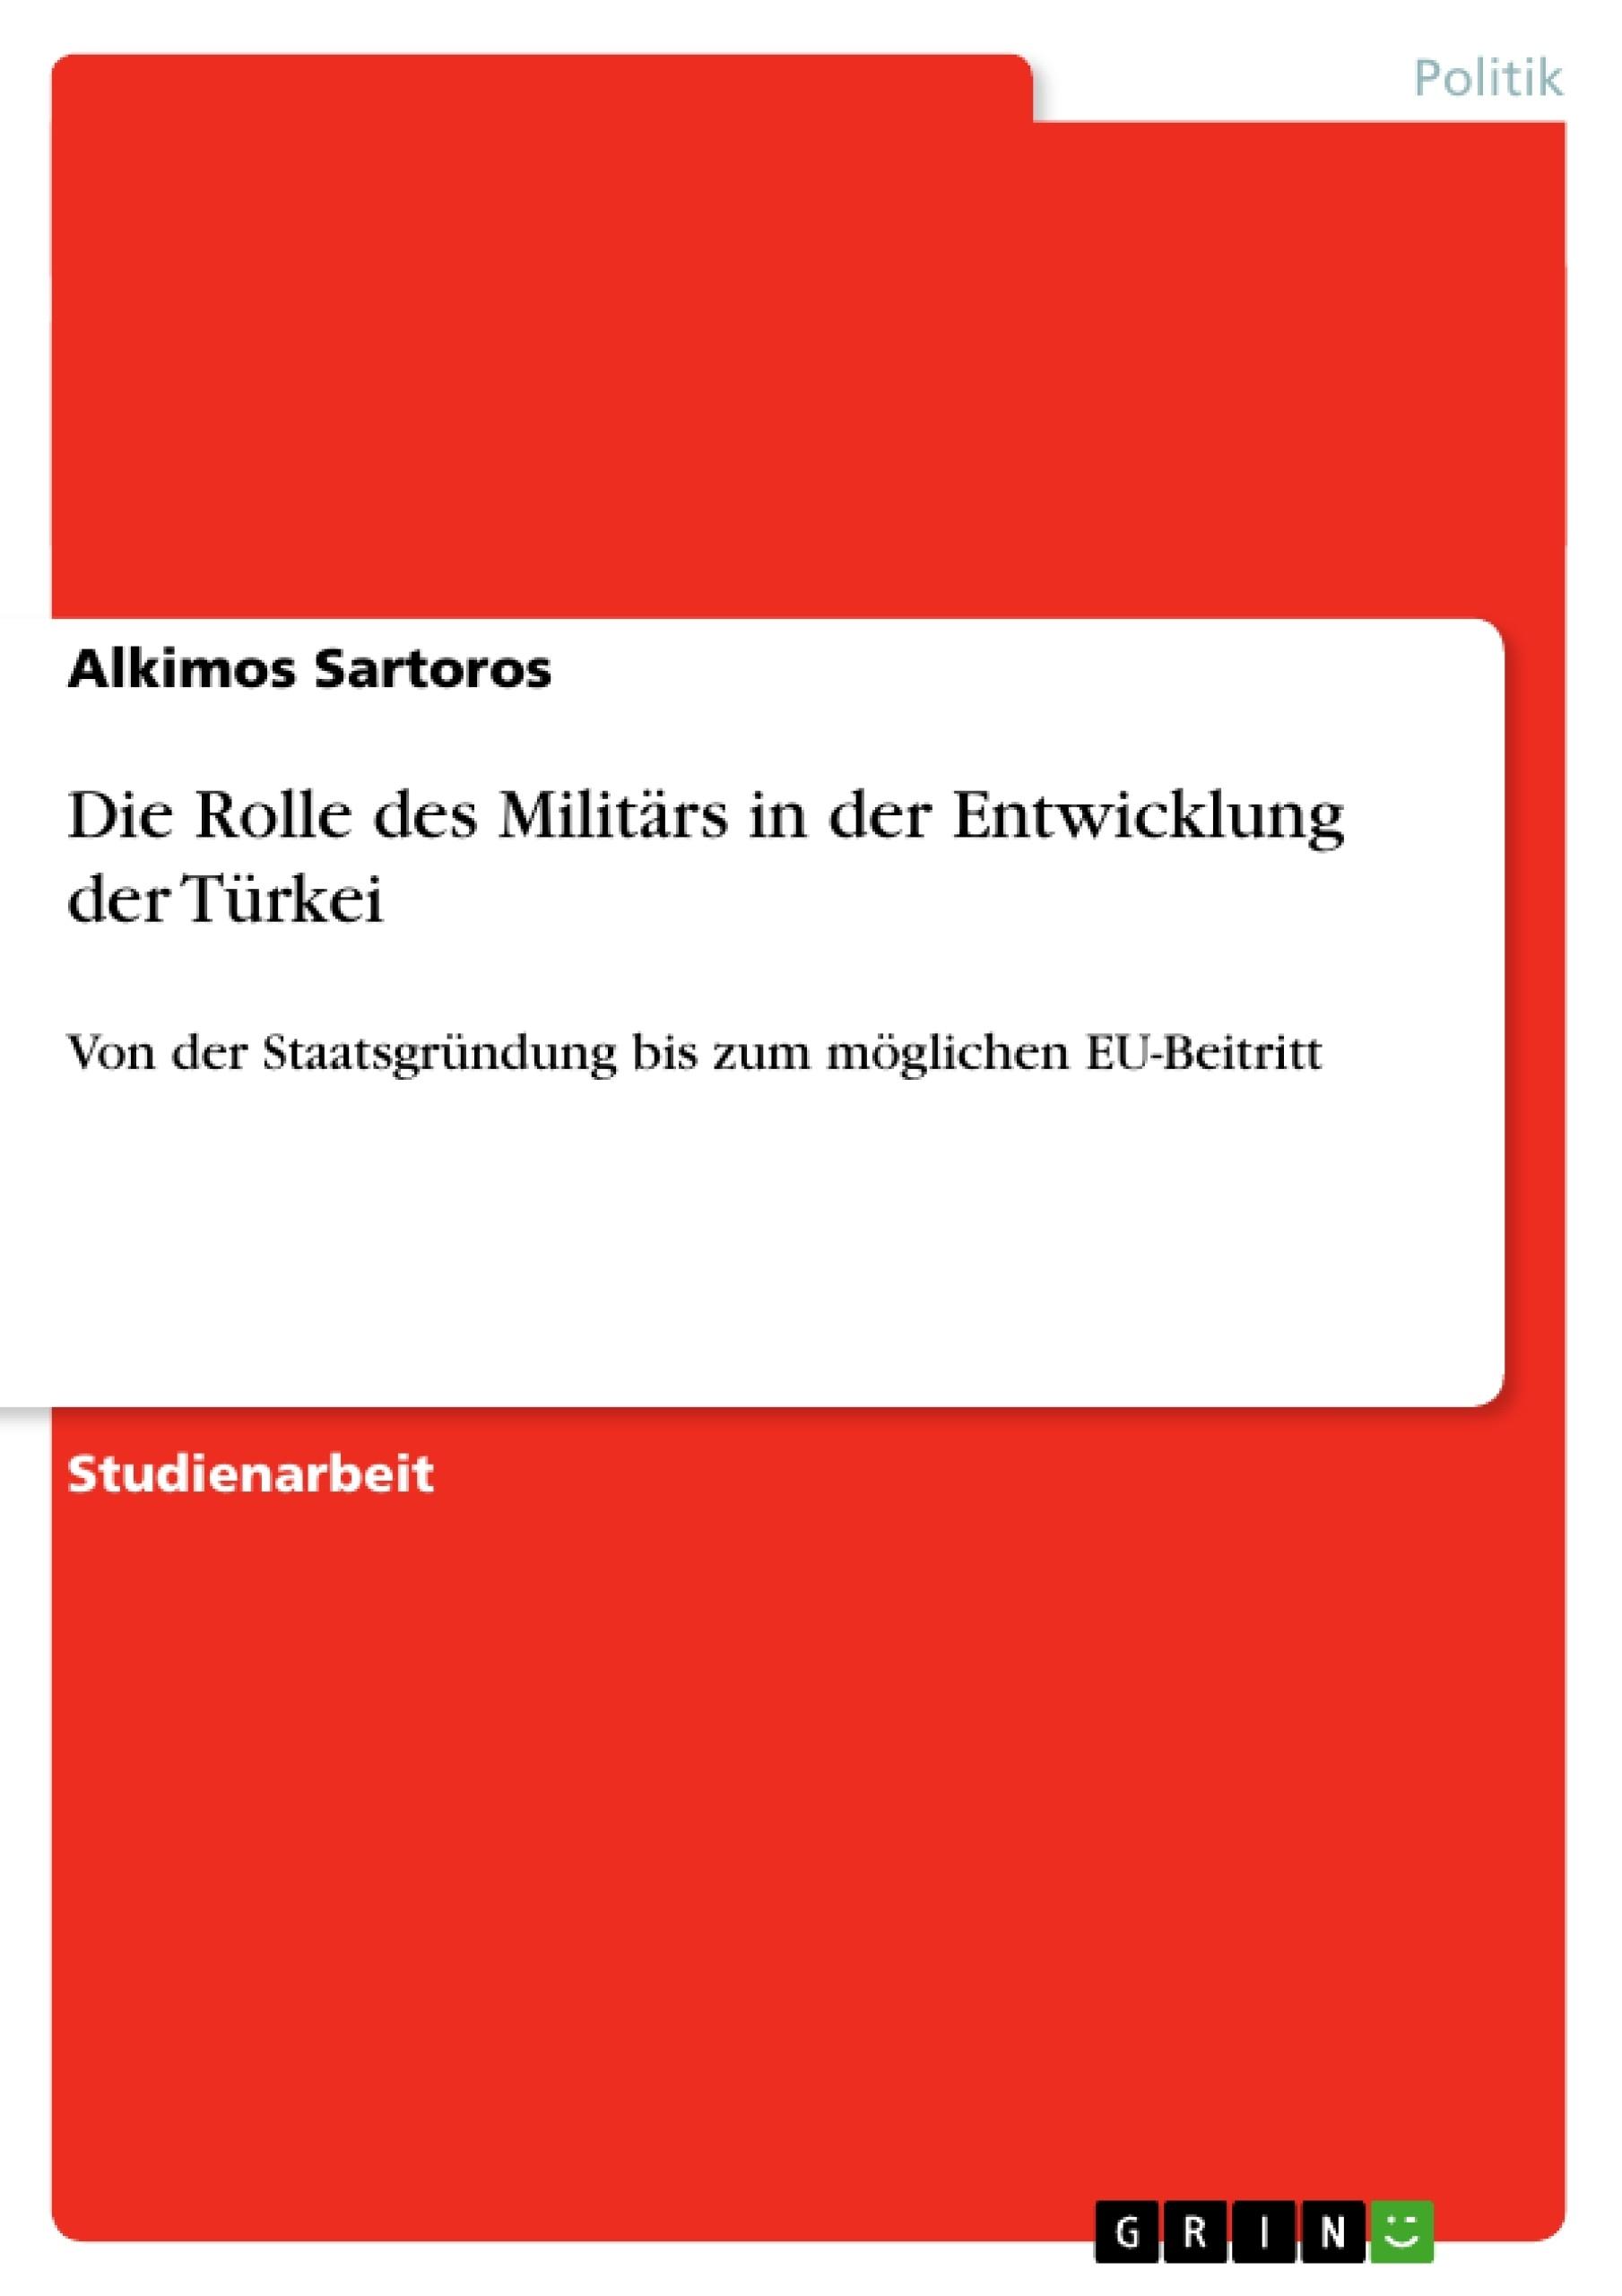 Titel: Die Rolle des Militärs in der Entwicklung der Türkei